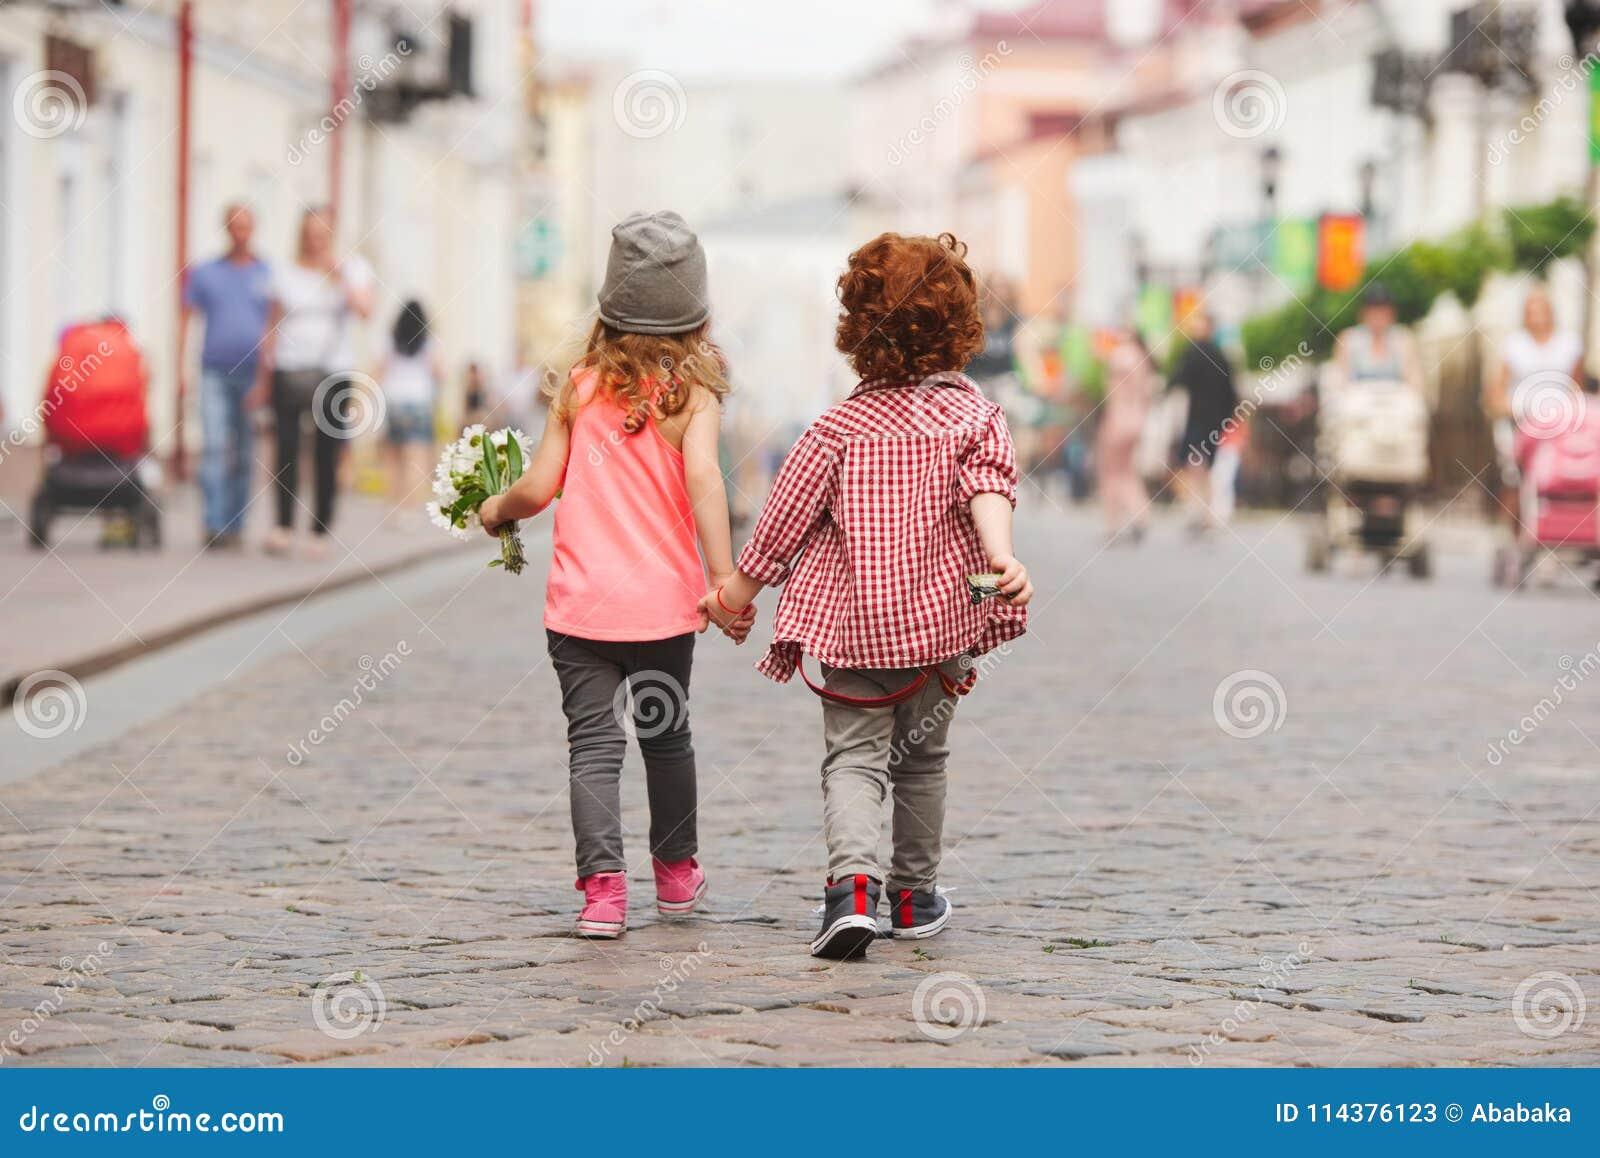 走在街道上的男孩和女孩